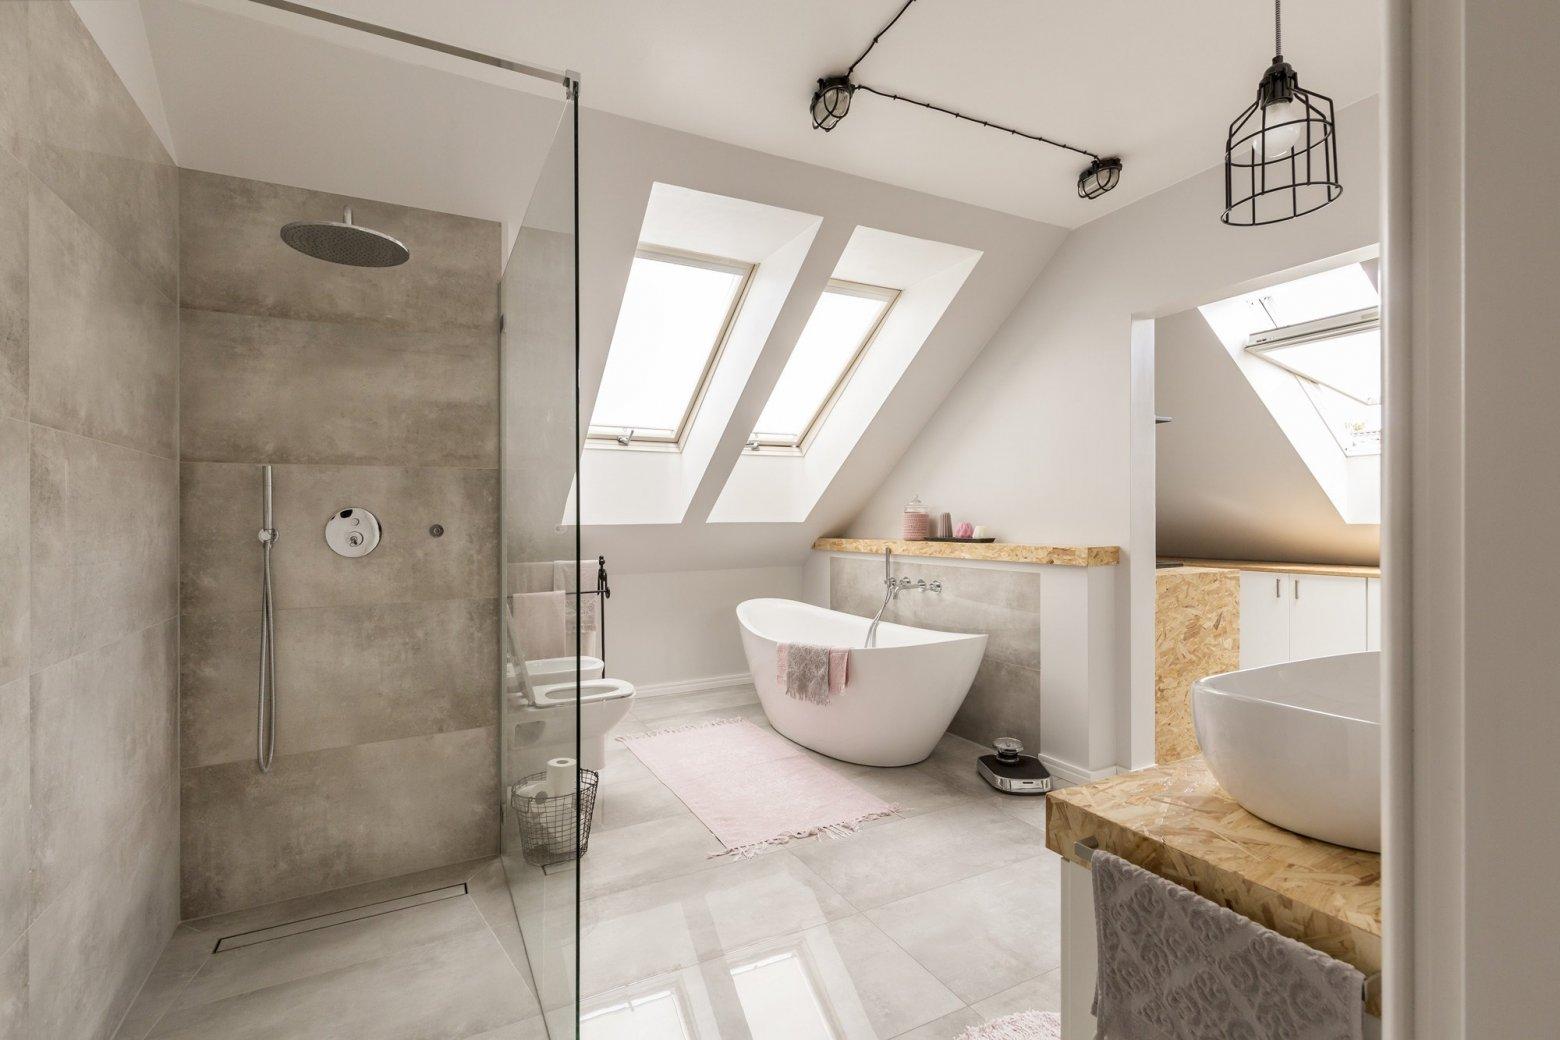 Renovatie Badkamer Tegels : Badkamerrenovaties van calster: voor en na